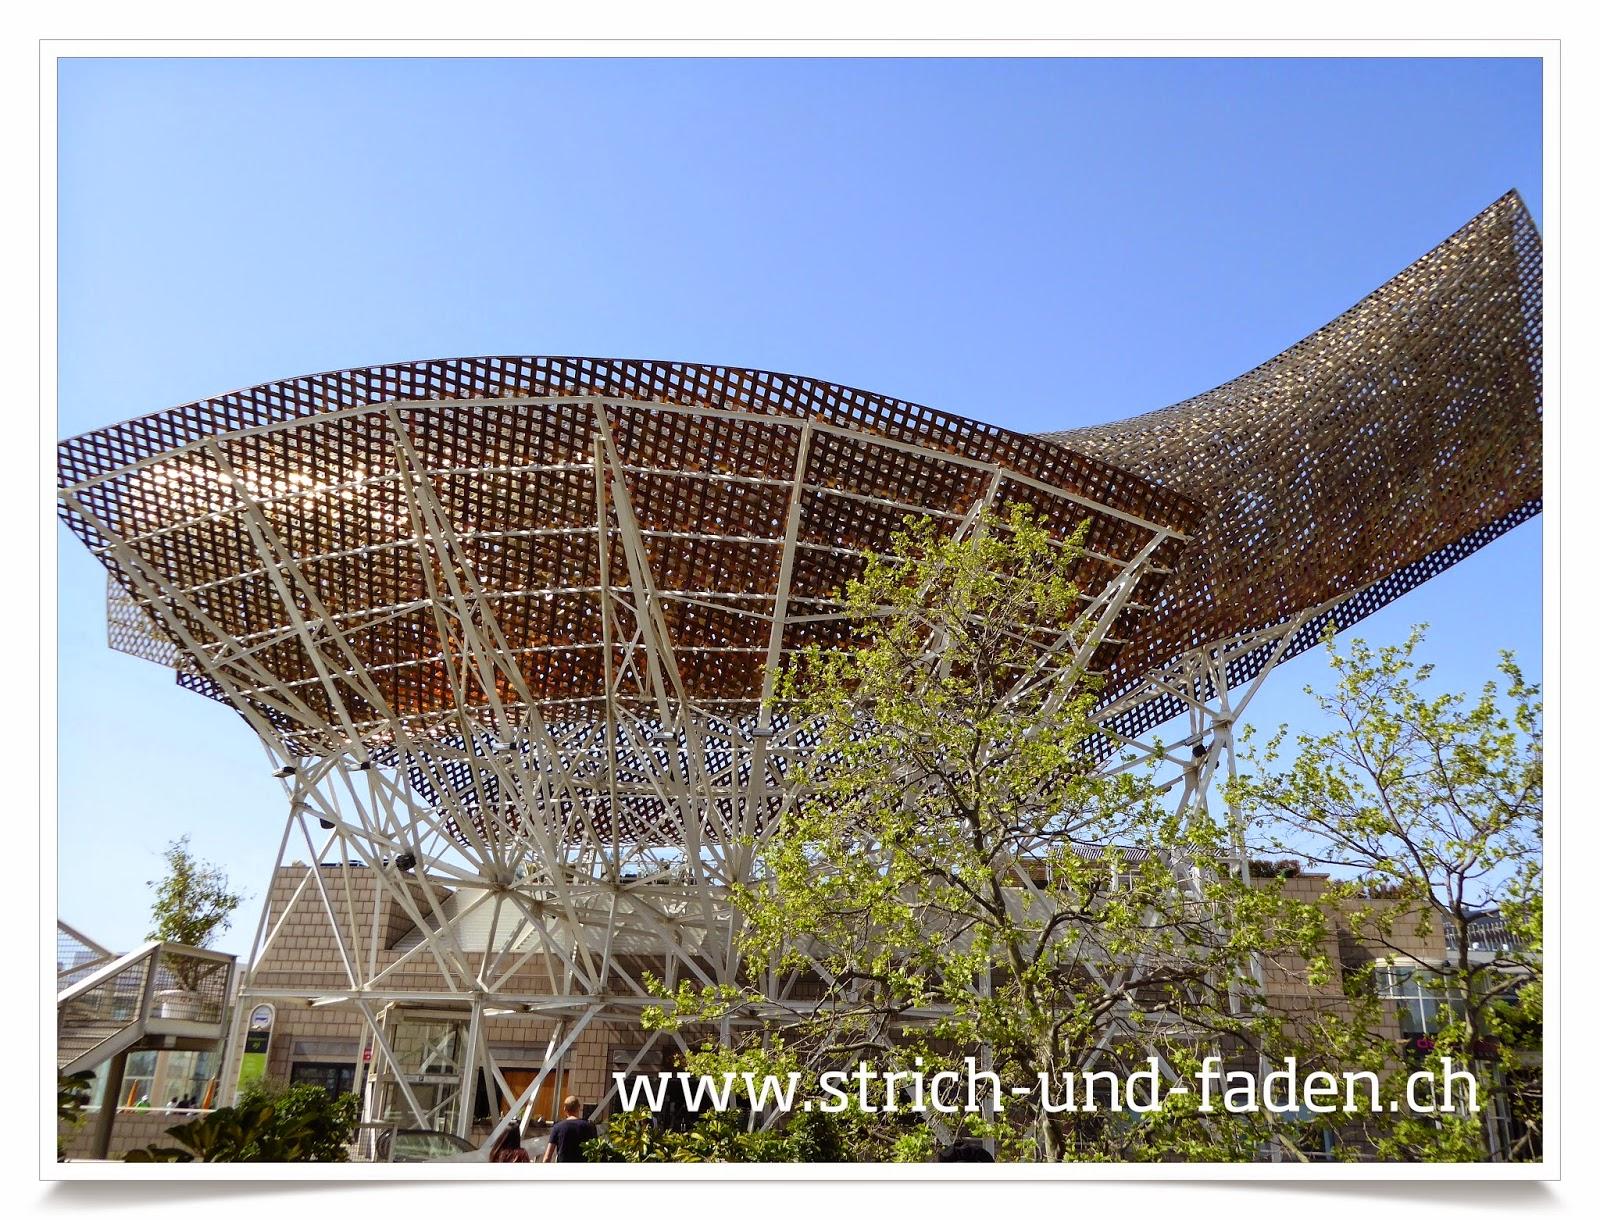 mit Strich und Faden | Barcelona